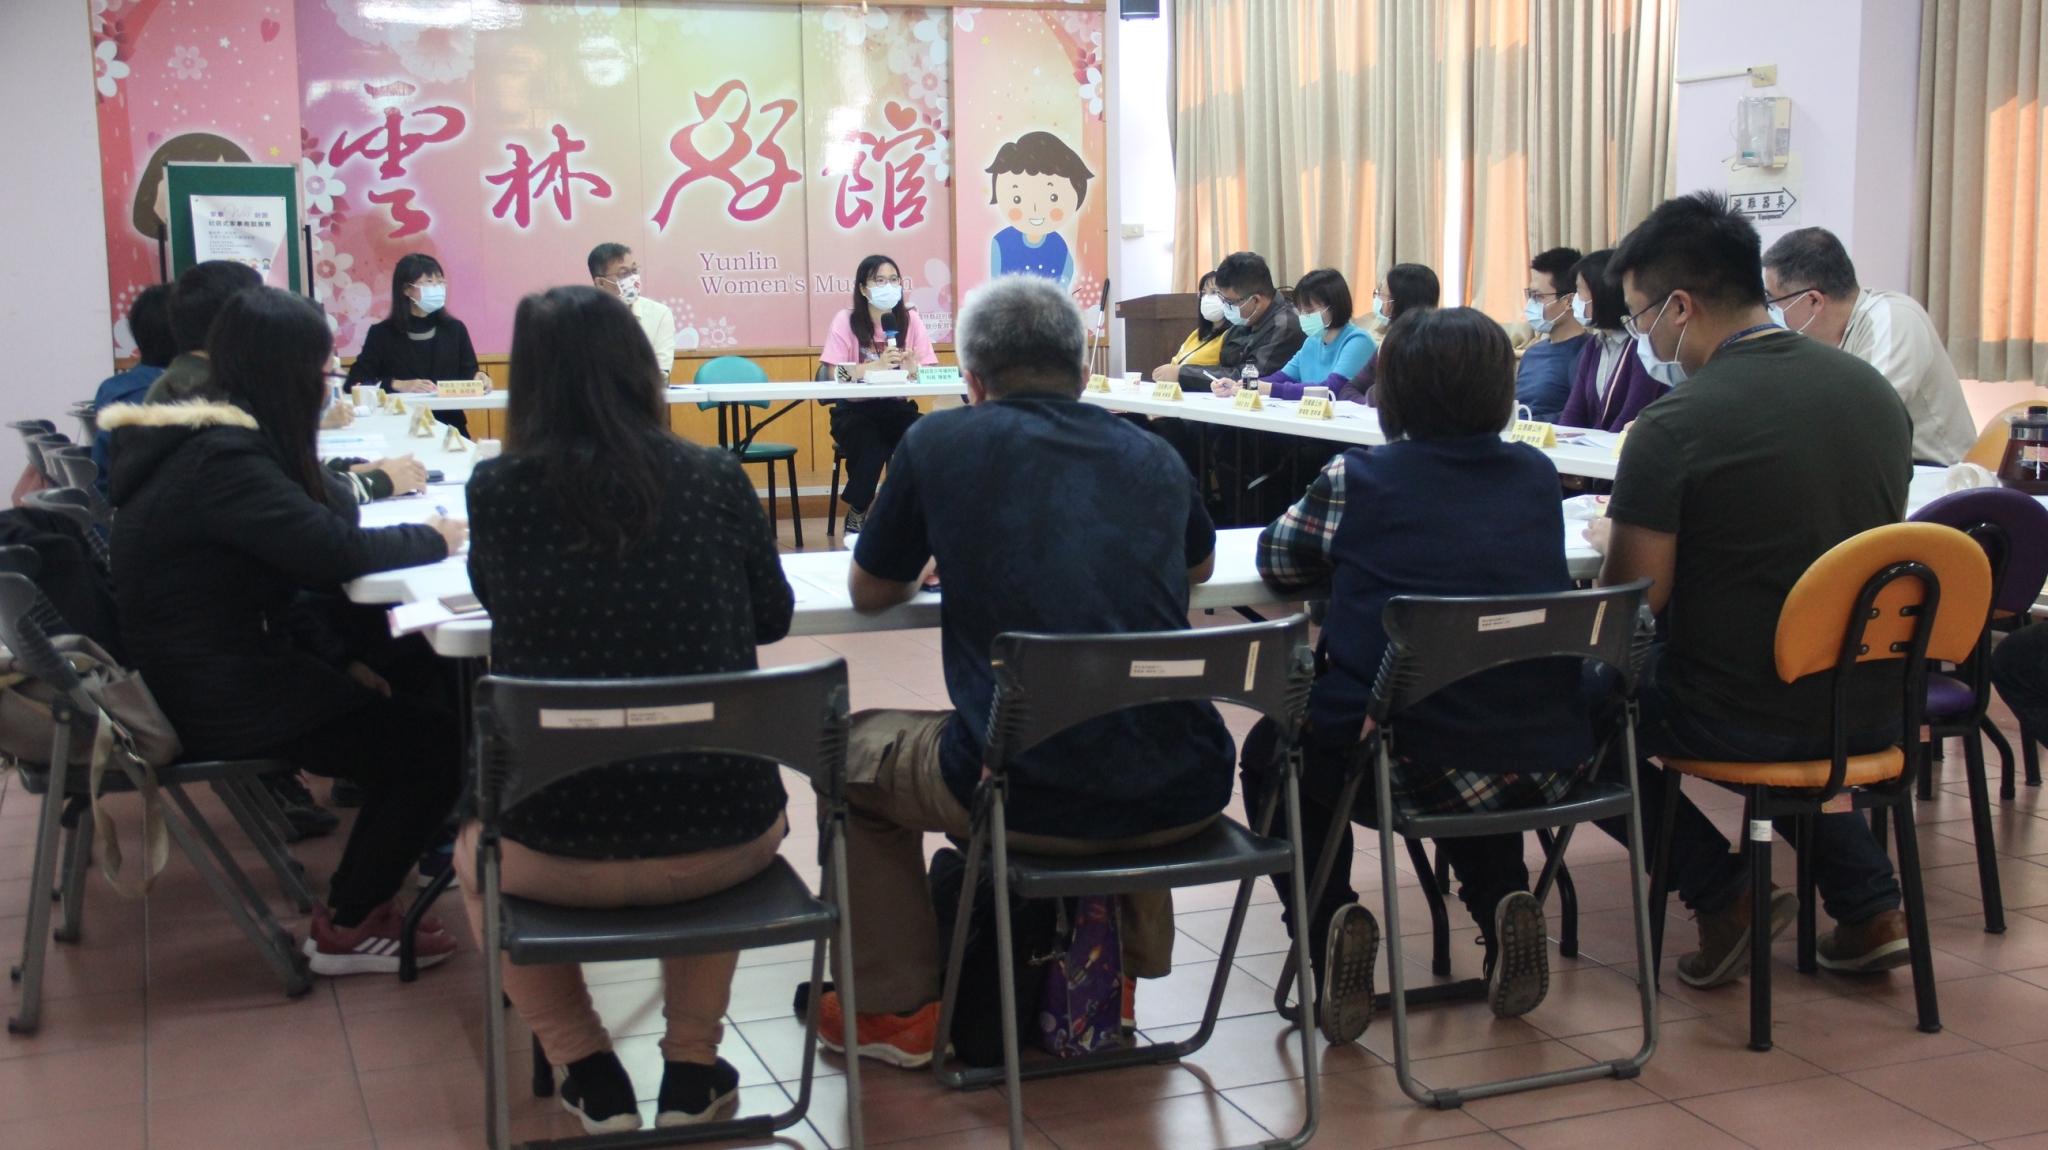 婦女福利業務聯繫會議照片紀錄_210115_12